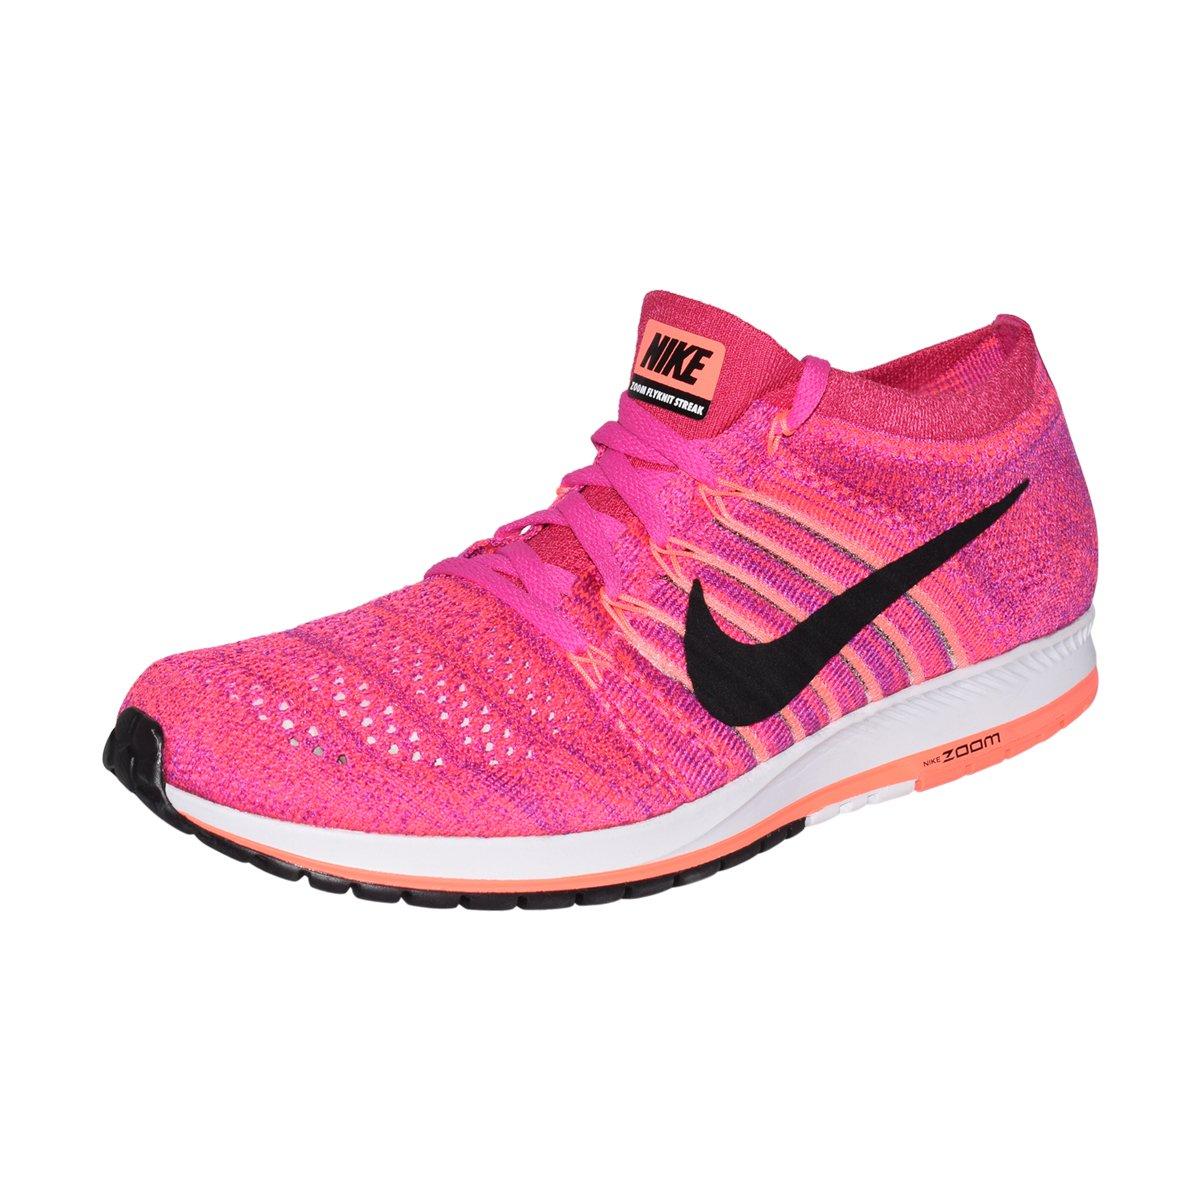 NIKE Flyknit Streak Unisex Running Shoe (Fireberry/Black-Racer Pink, 8 D(M) US/9.5 B(M) US) by NIKE